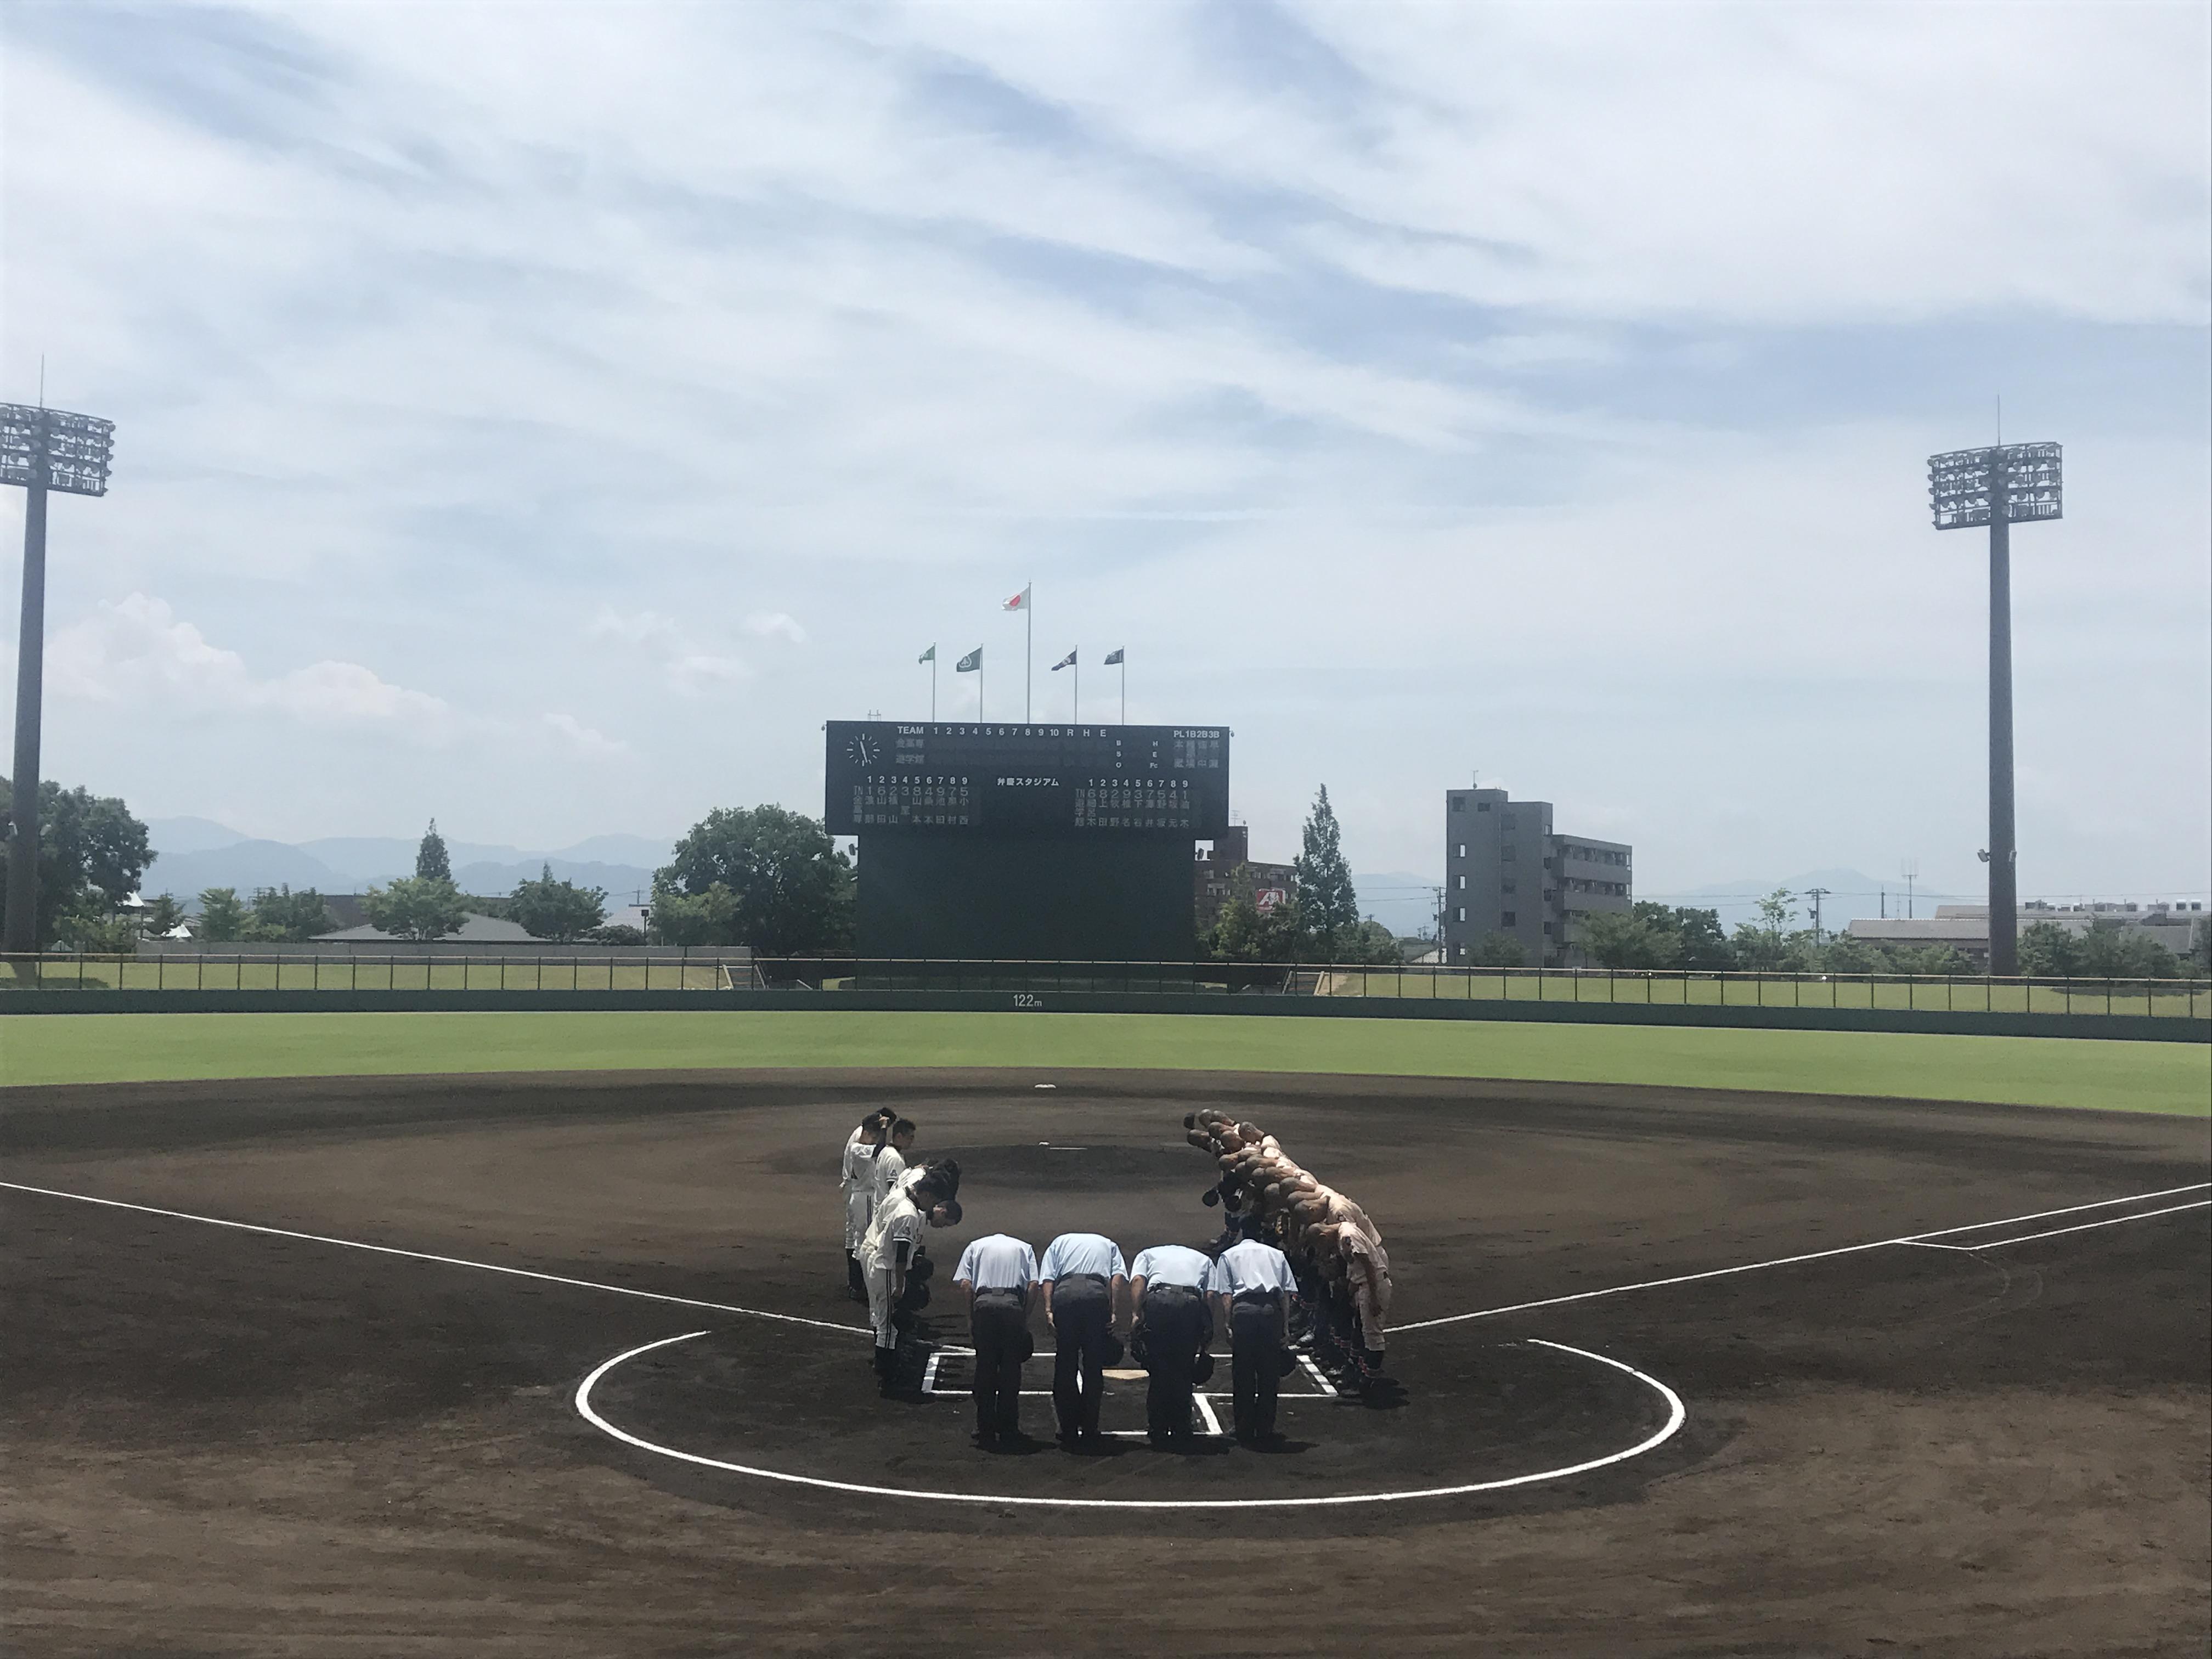 第99回全国高校野球選手権石川大会 1回戦 vs金沢高専 │ 遊学館 ...